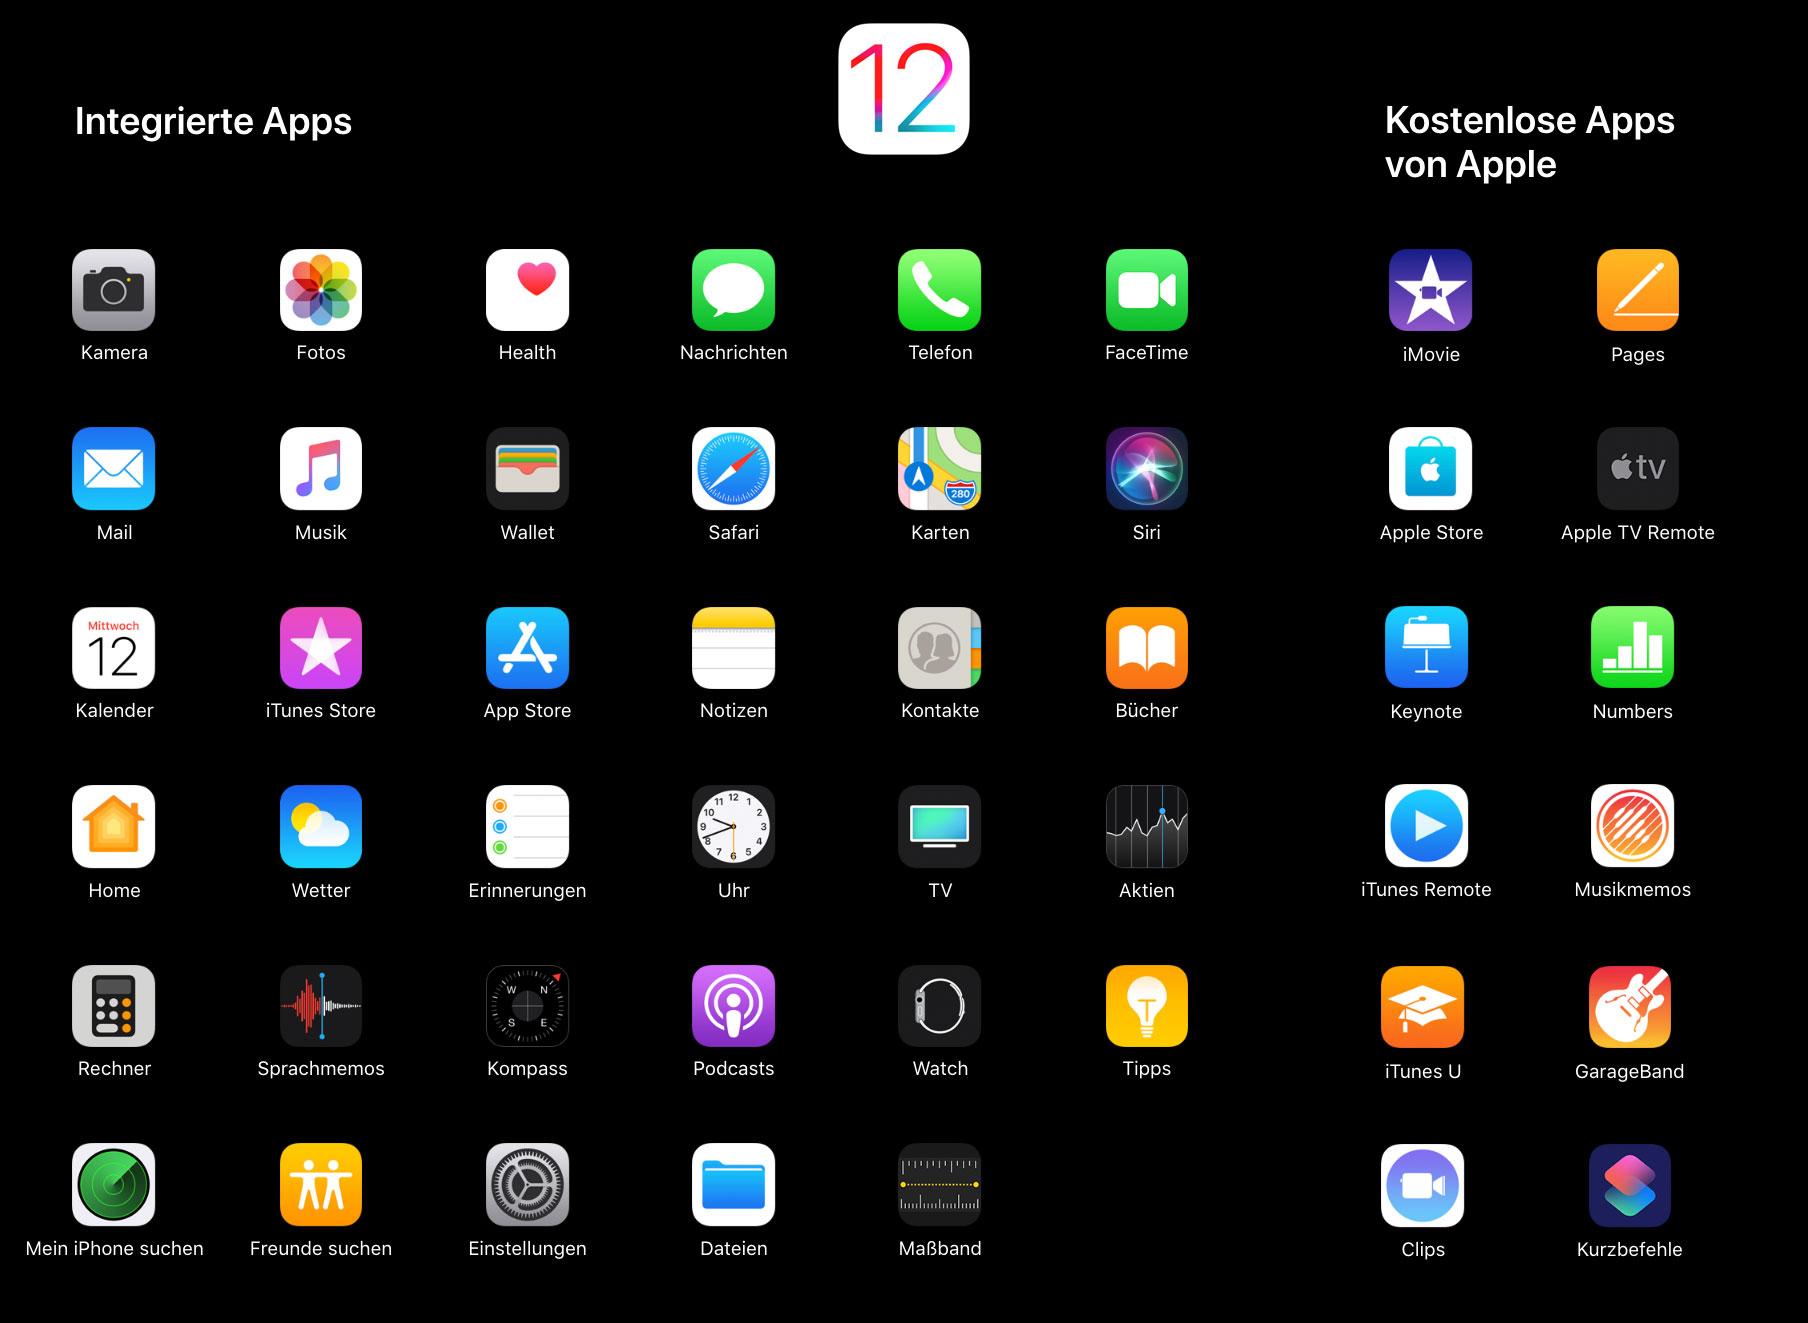 Alle Apps Kostenlos Ios